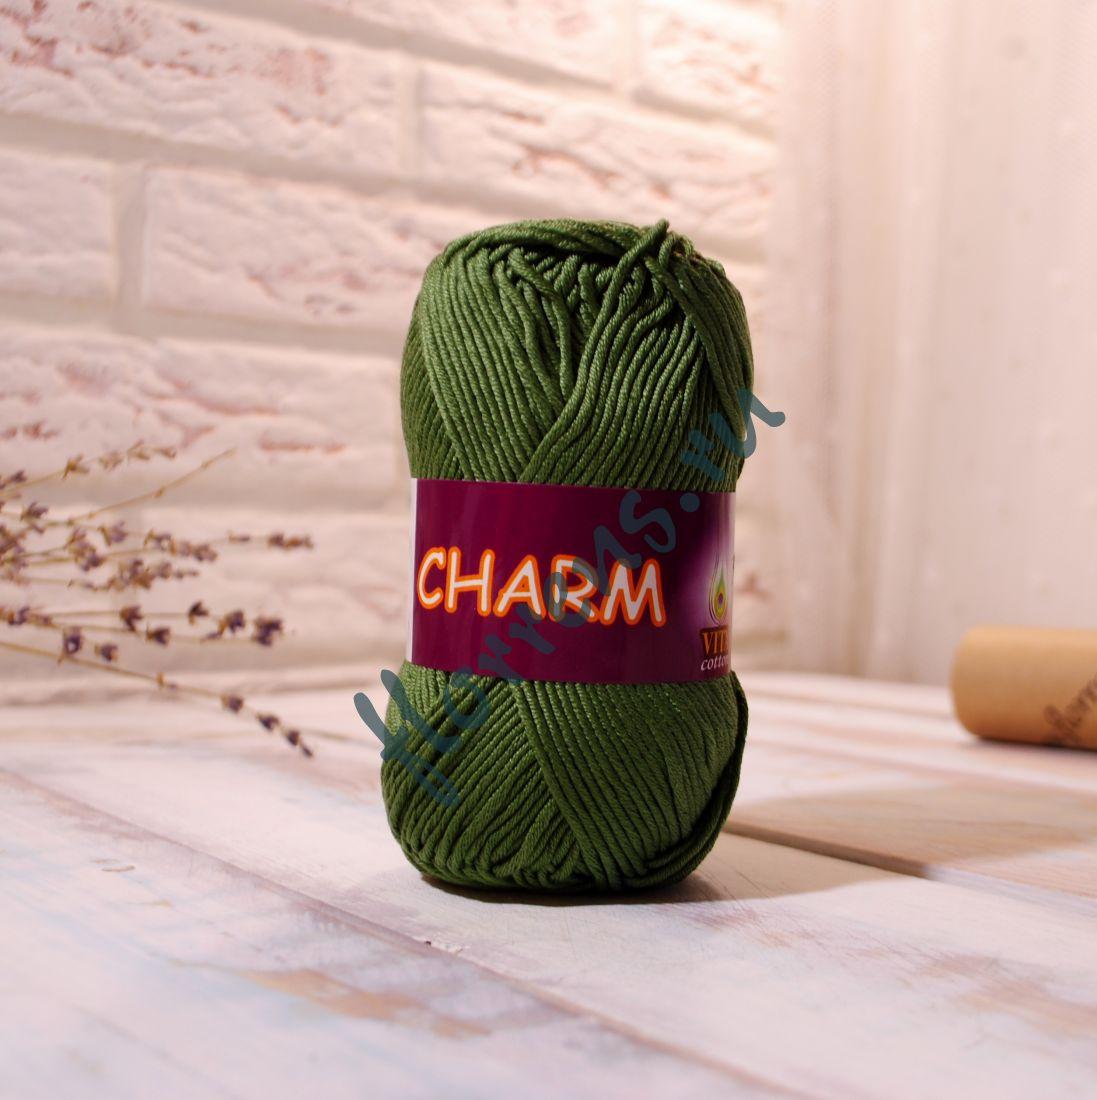 Пряжа Charm / 4190 оливковая зелень